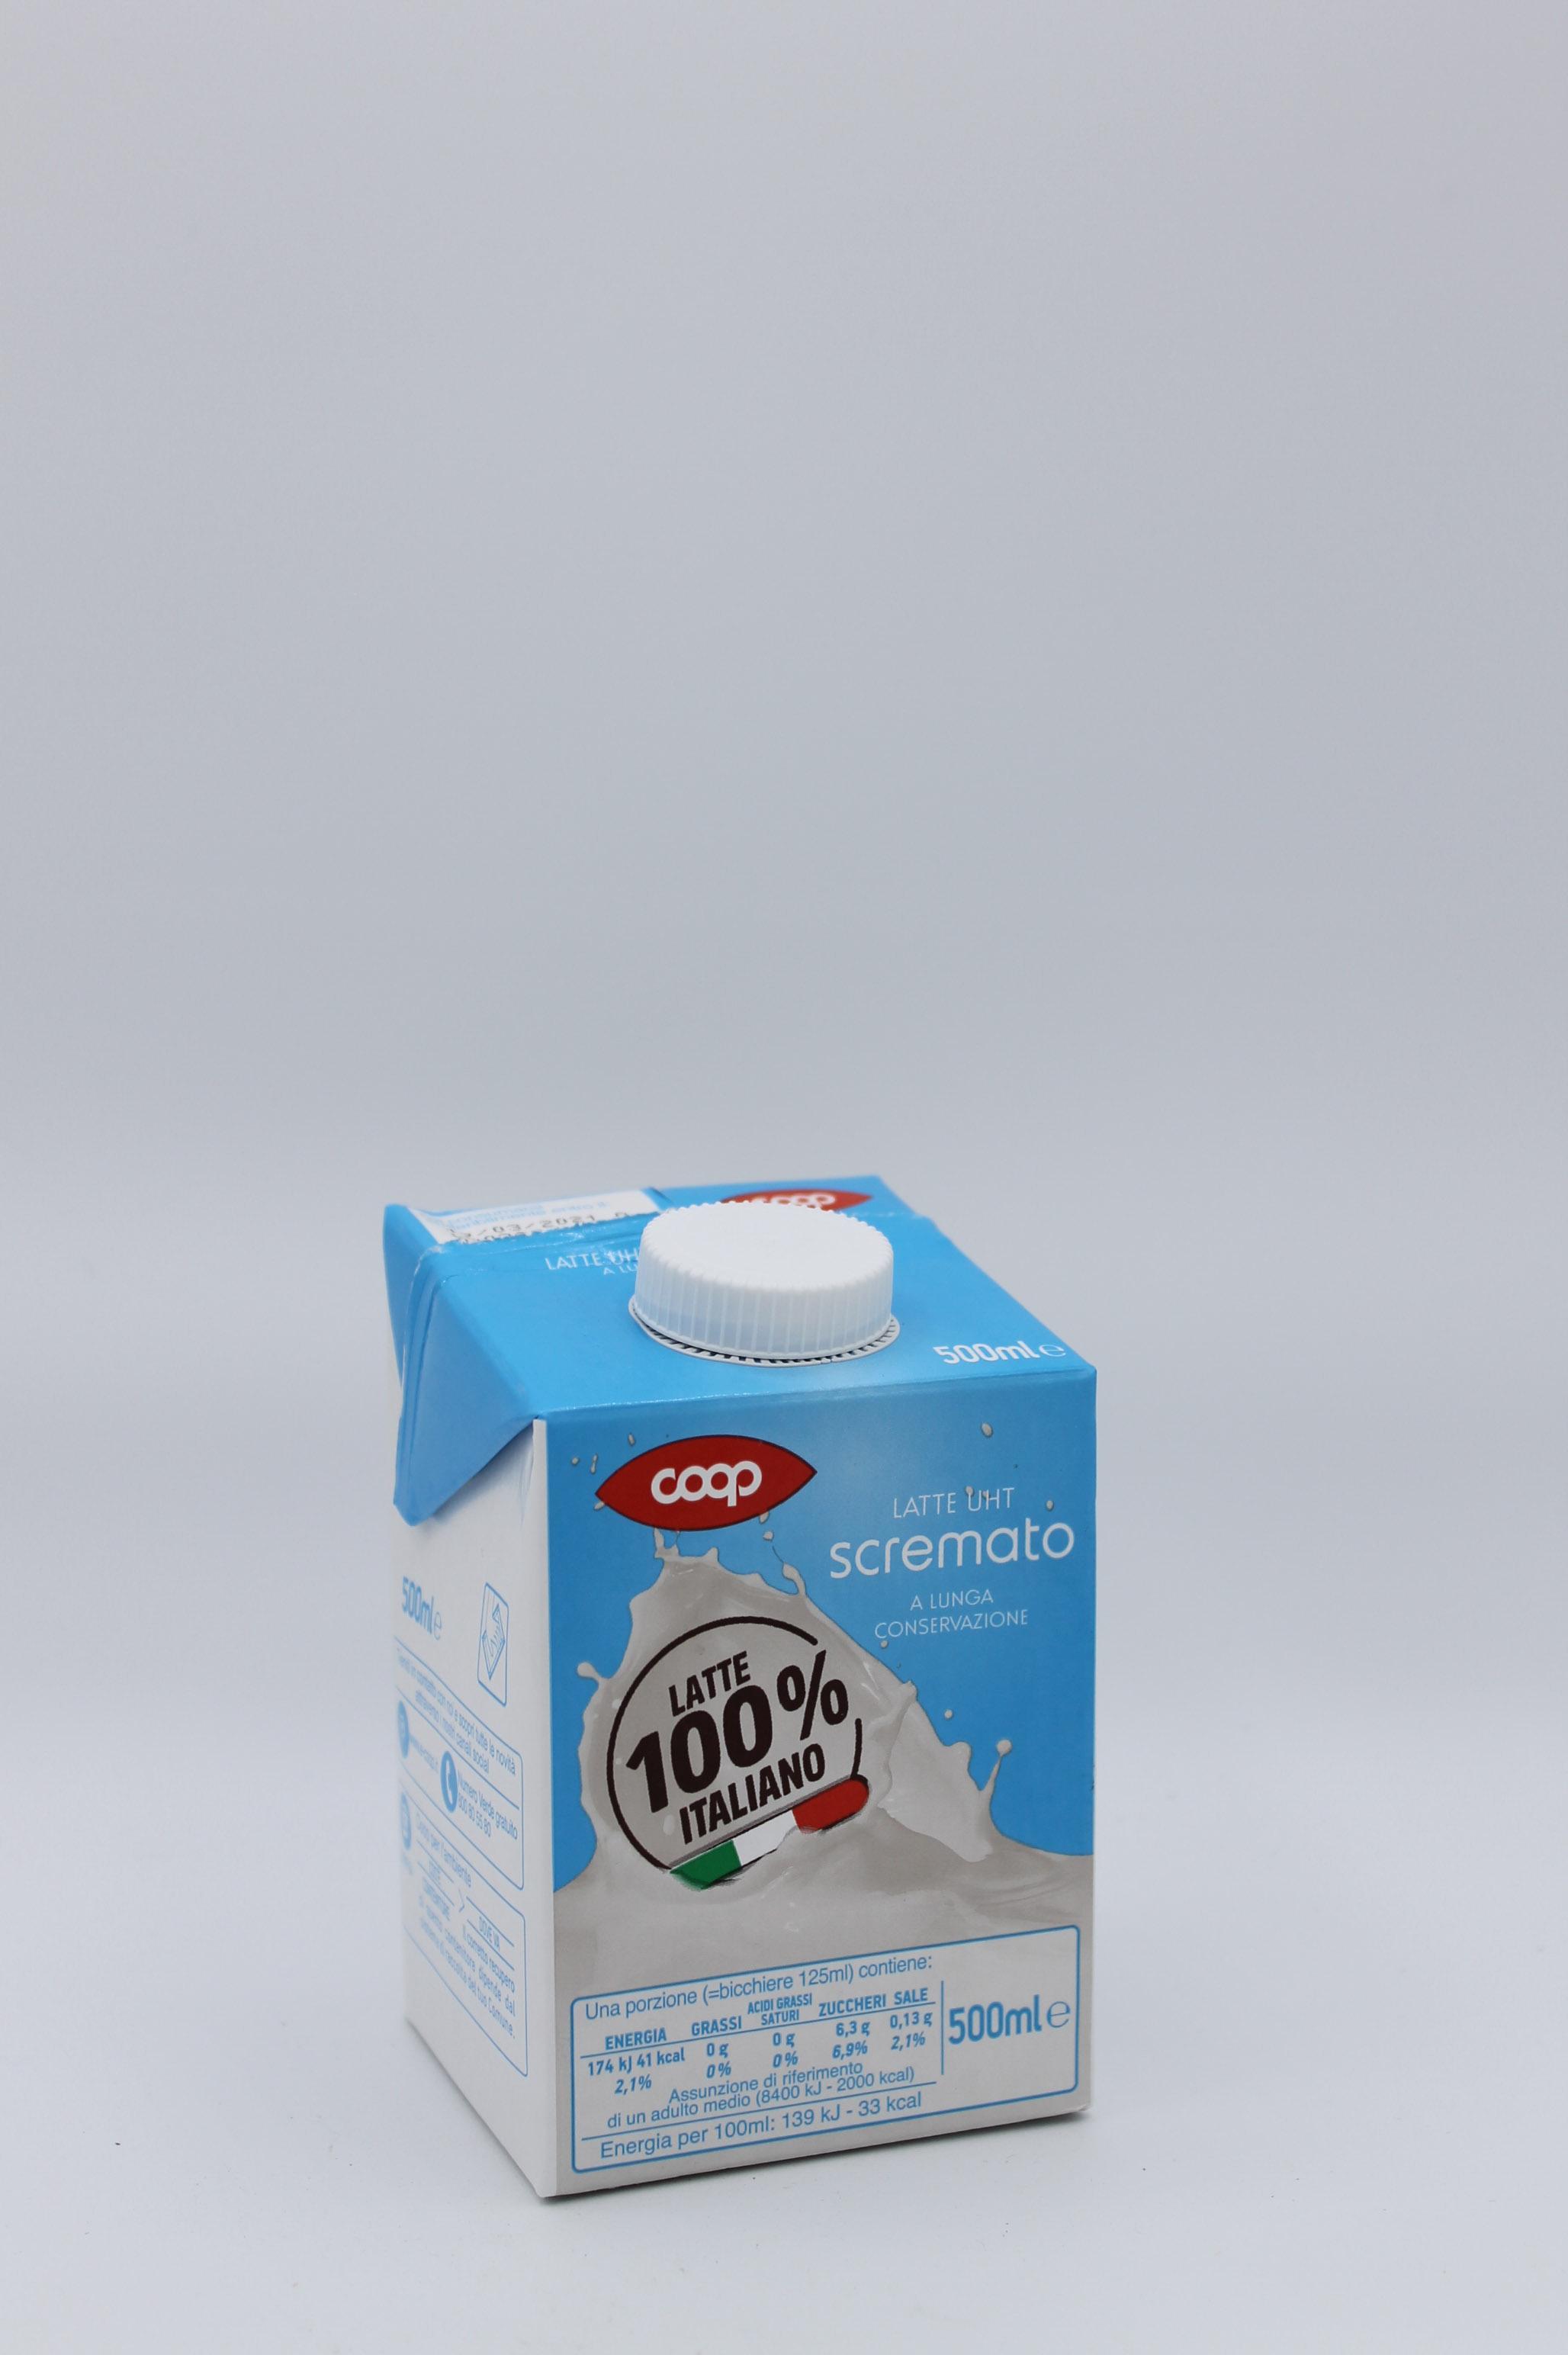 Coop latte uht scremato 500 ml.